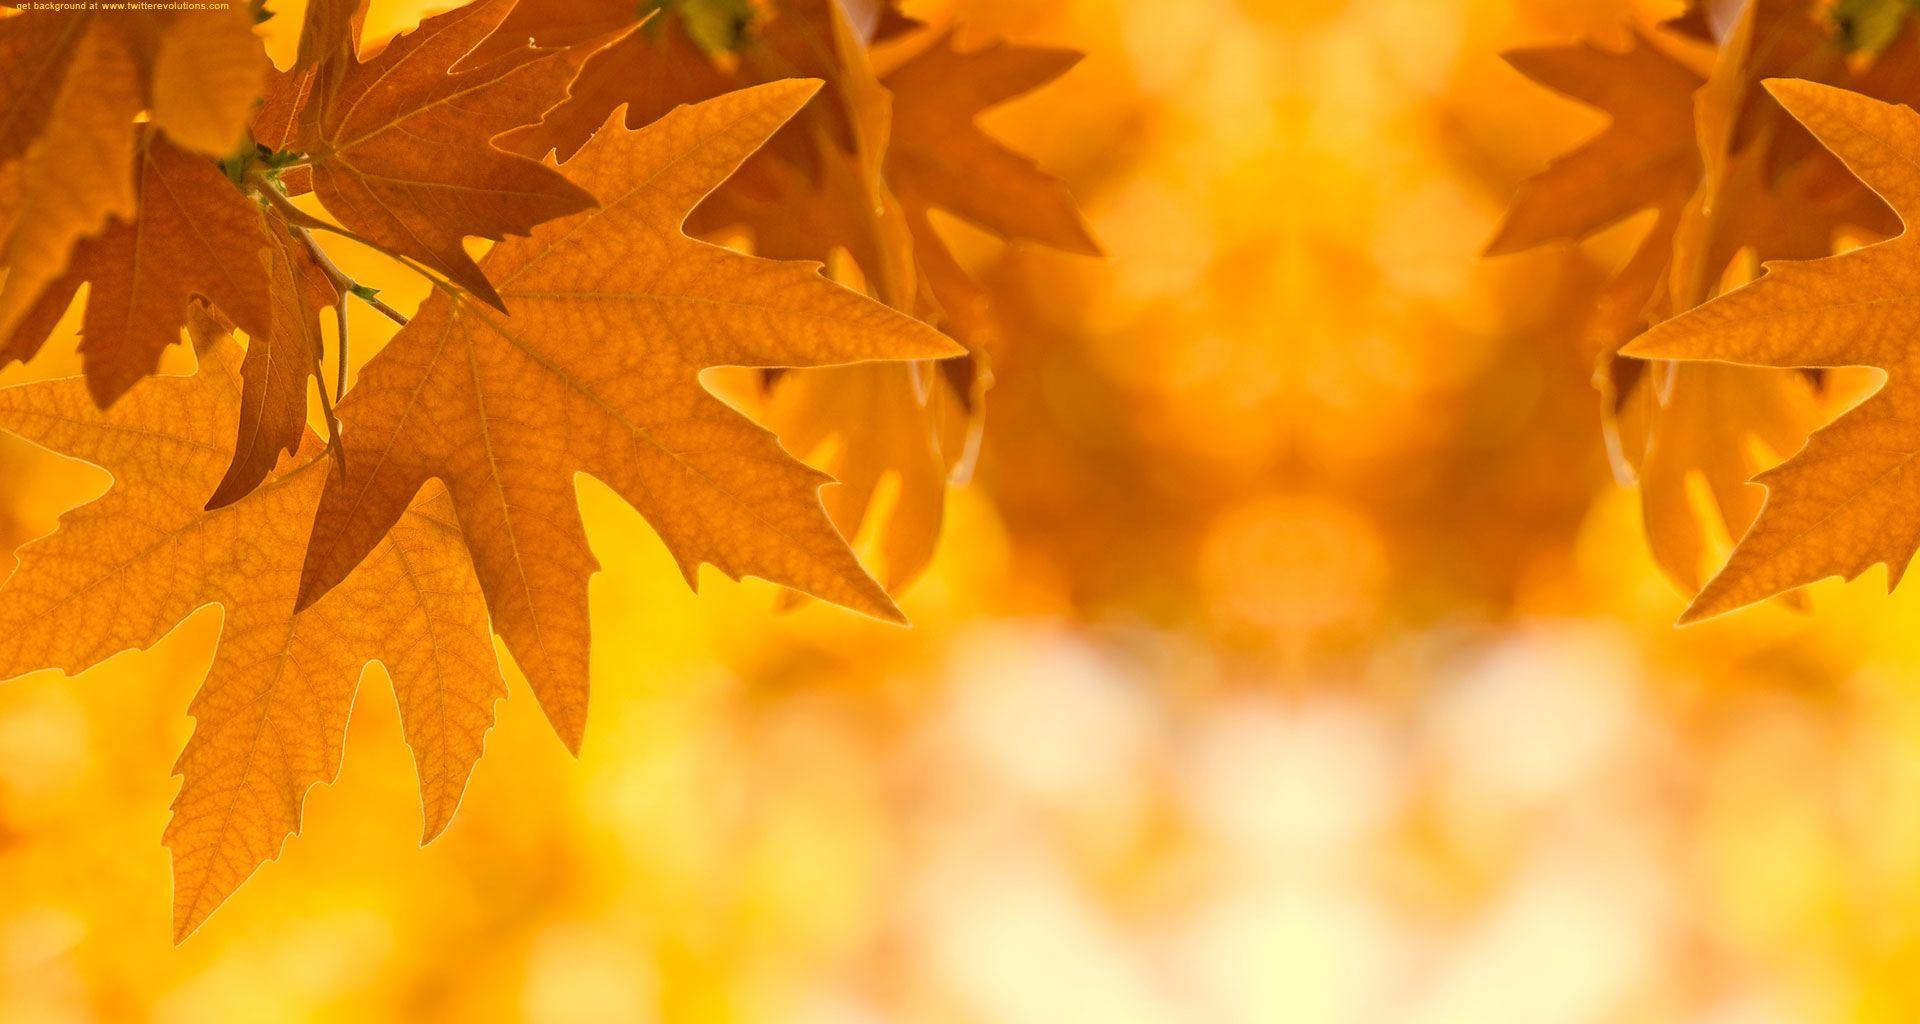 Beautiful Wallpaper Minecraft Autumn - 45f40cf471233b896ca286b6a7c3a264  Image_97214.jpg